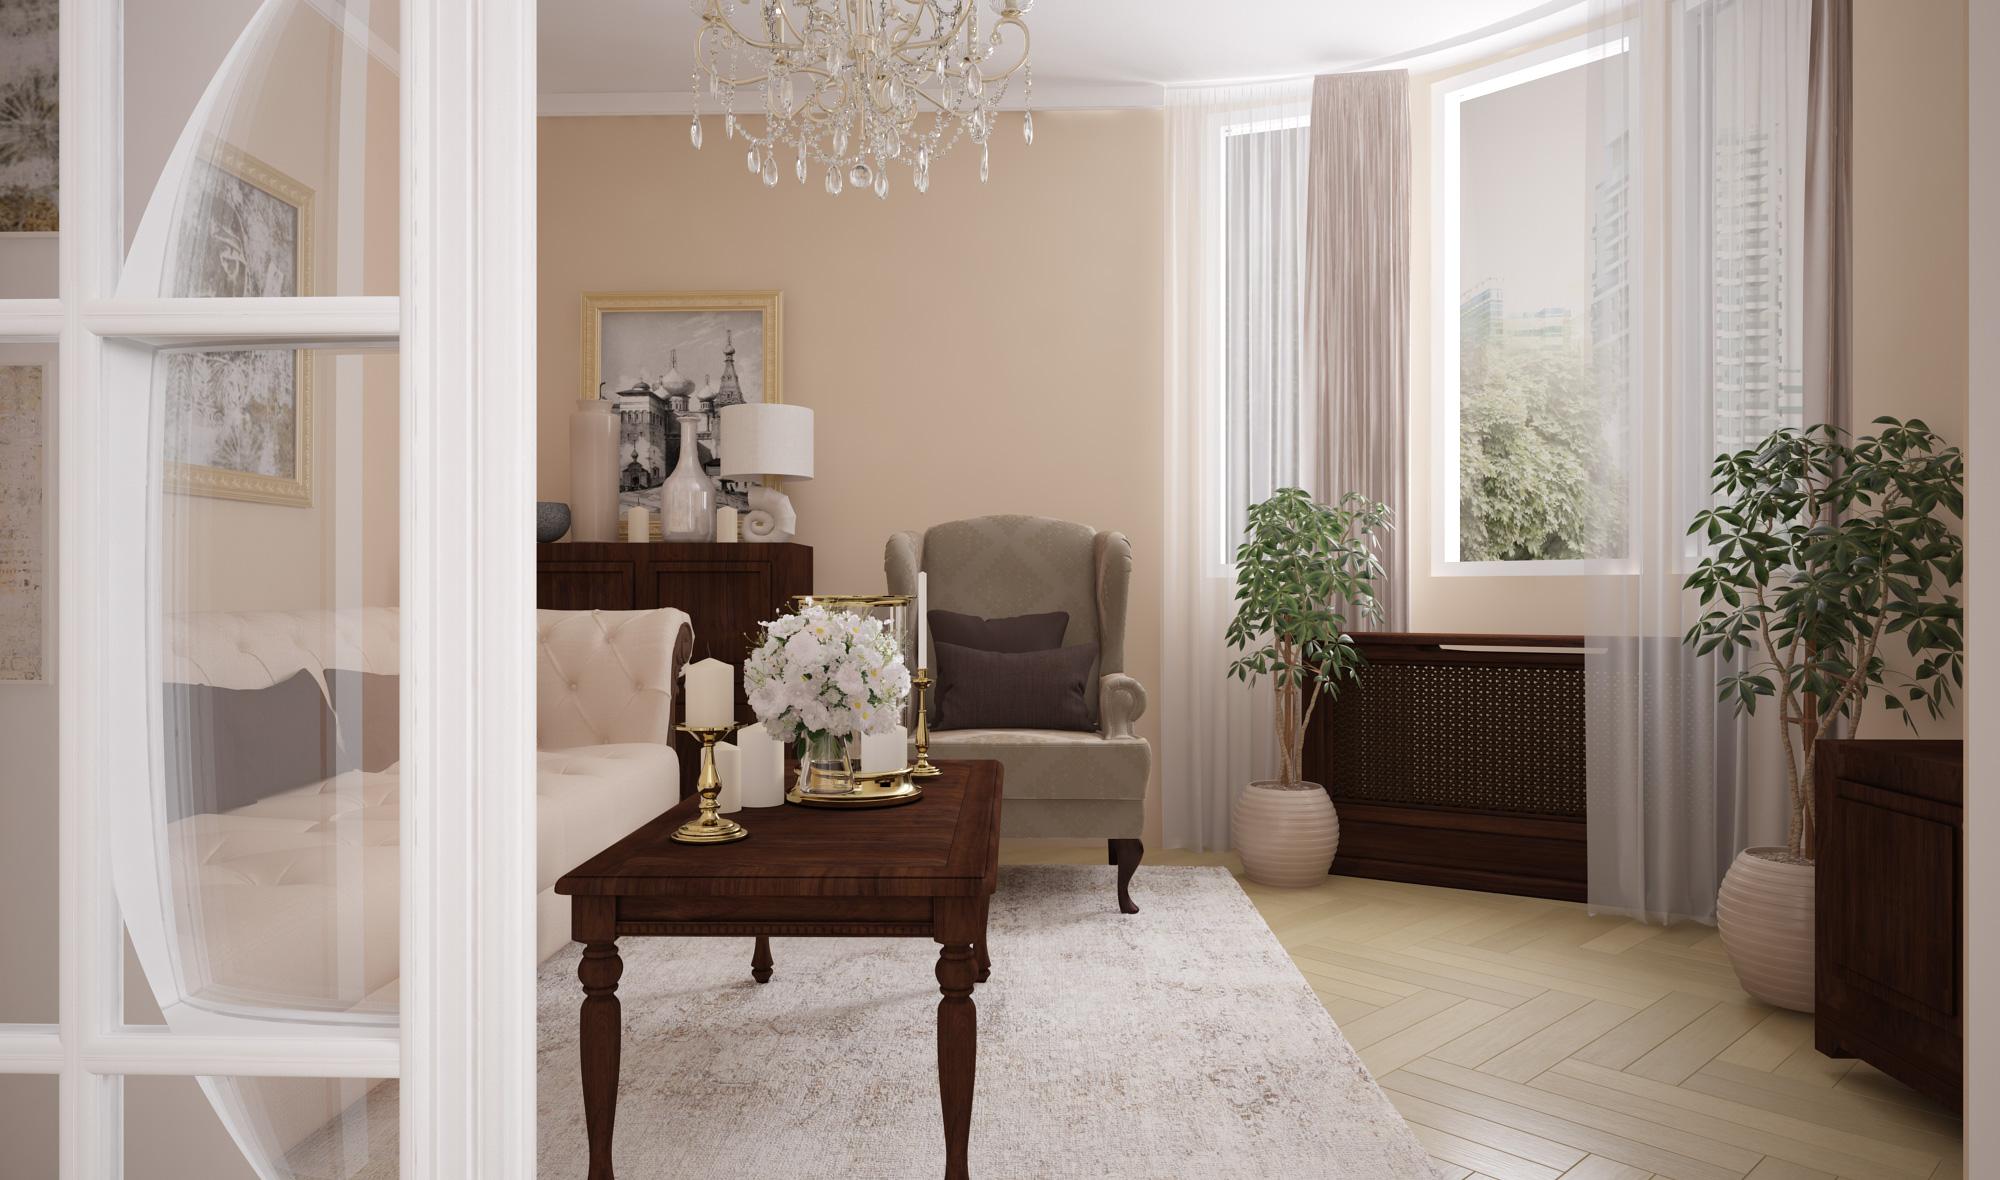 amenajare-interioara-apartament-cm-stil-clasic-6